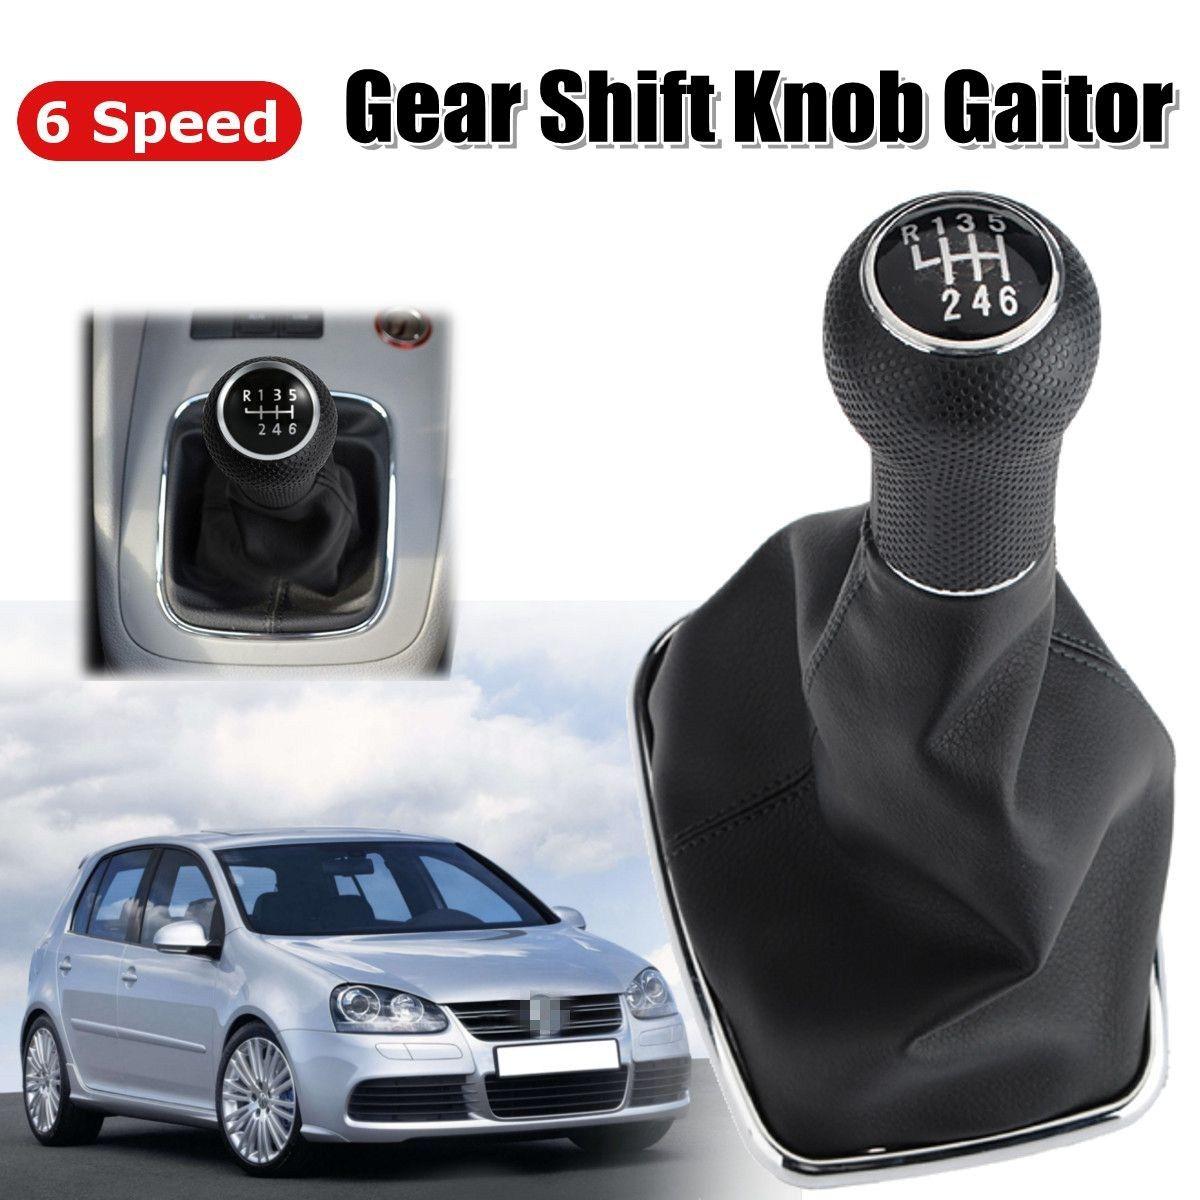 6 SPEED SCHALTKNAUF GAITOR BOOT für VW Golf GTi 1999-2005 für Bora Jetta MK4 1999- 2004